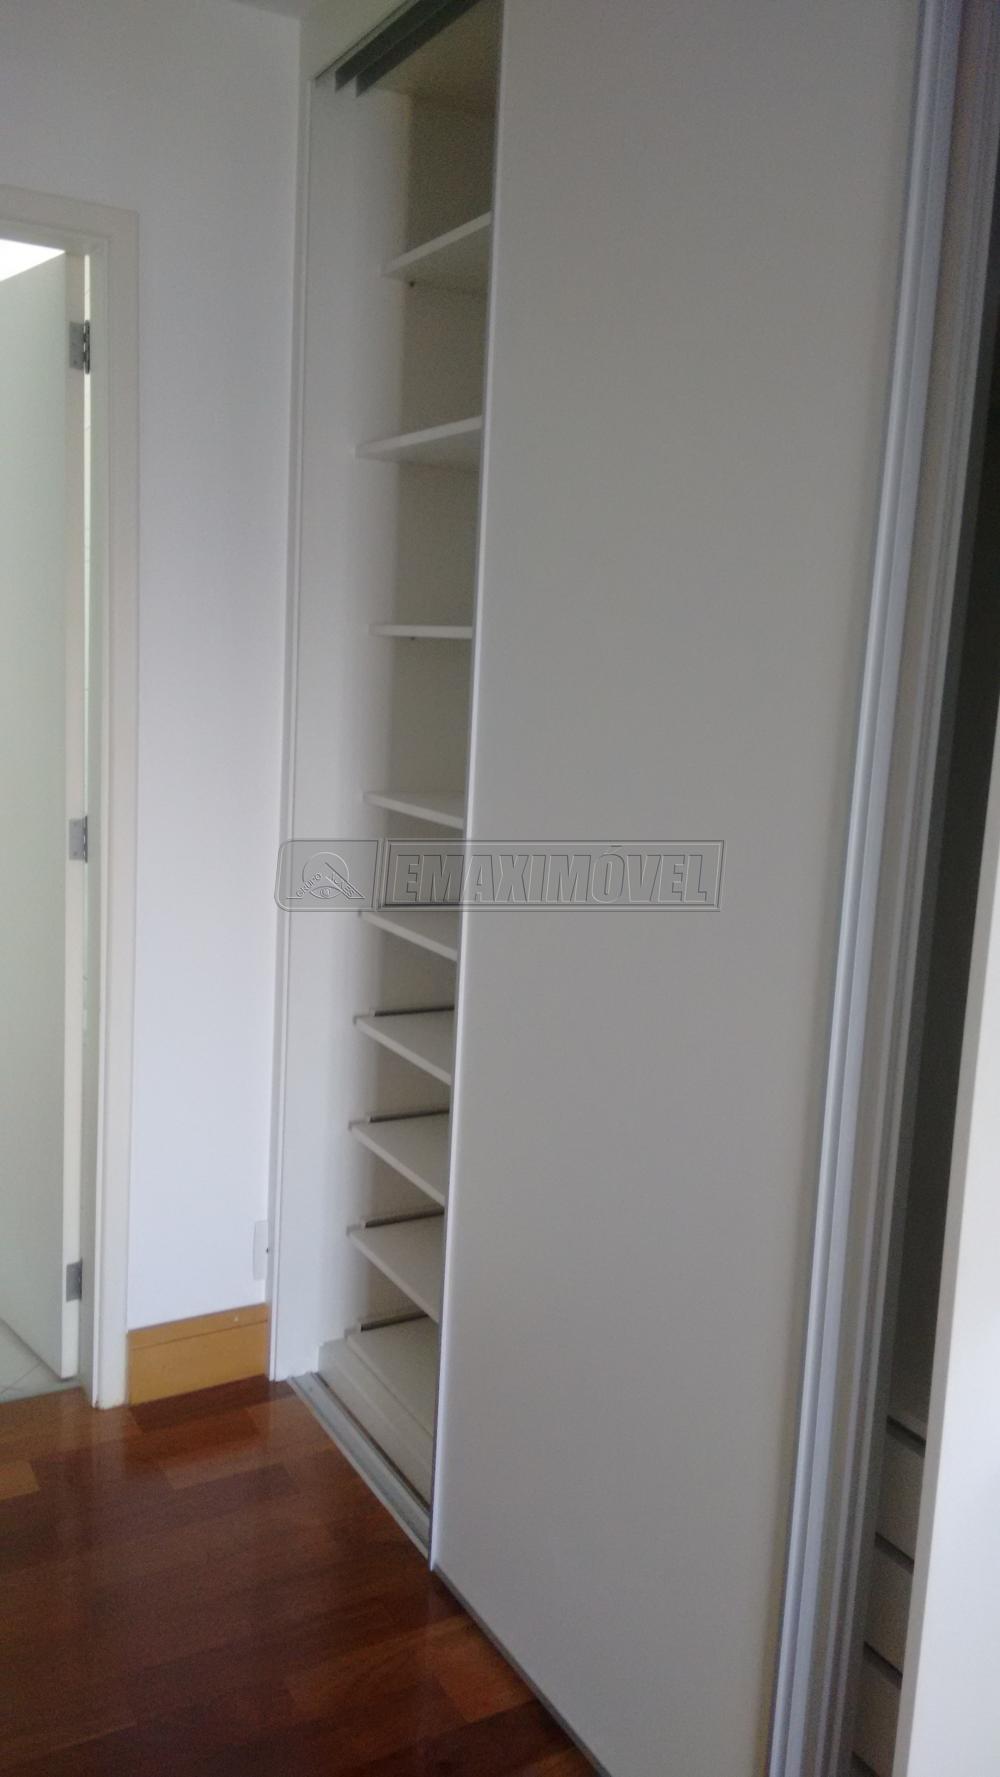 Comprar Apartamentos / Apto Padrão em Sorocaba apenas R$ 1.400.000,00 - Foto 14